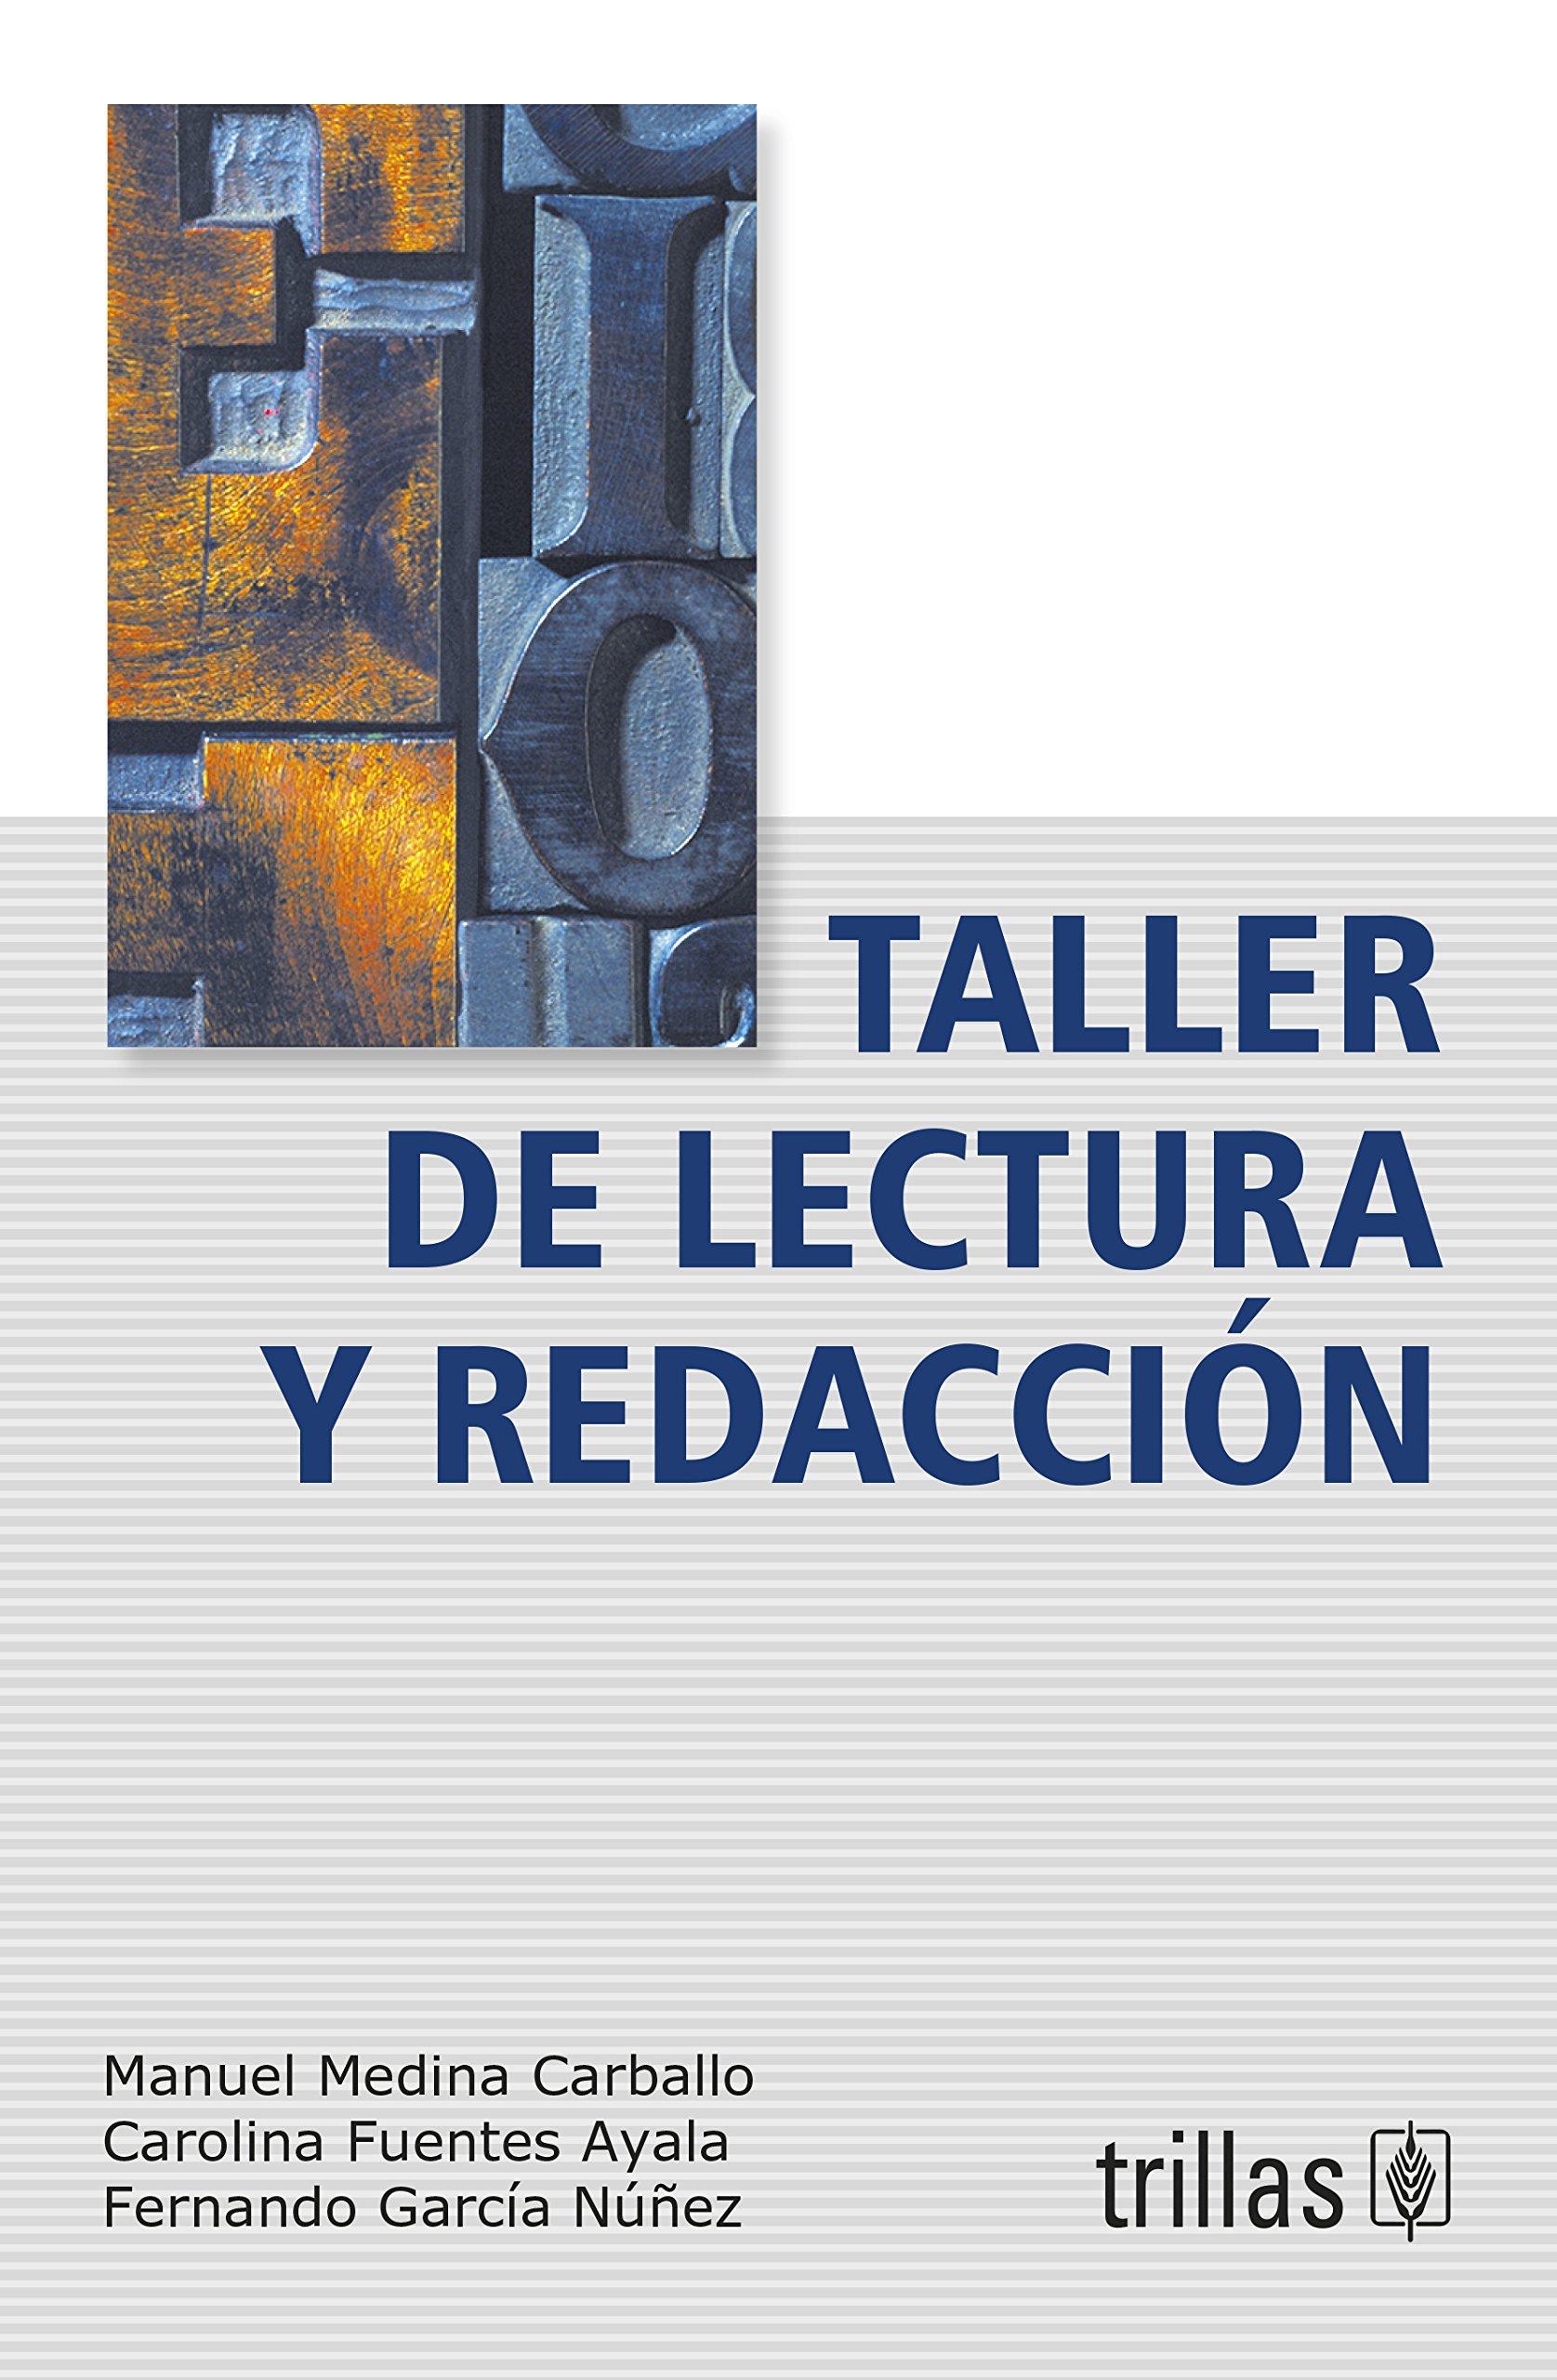 Taller De Lectura Y Redaccion Manuel Medina Carballo Editorial  # Muebles Fuentes Carballo